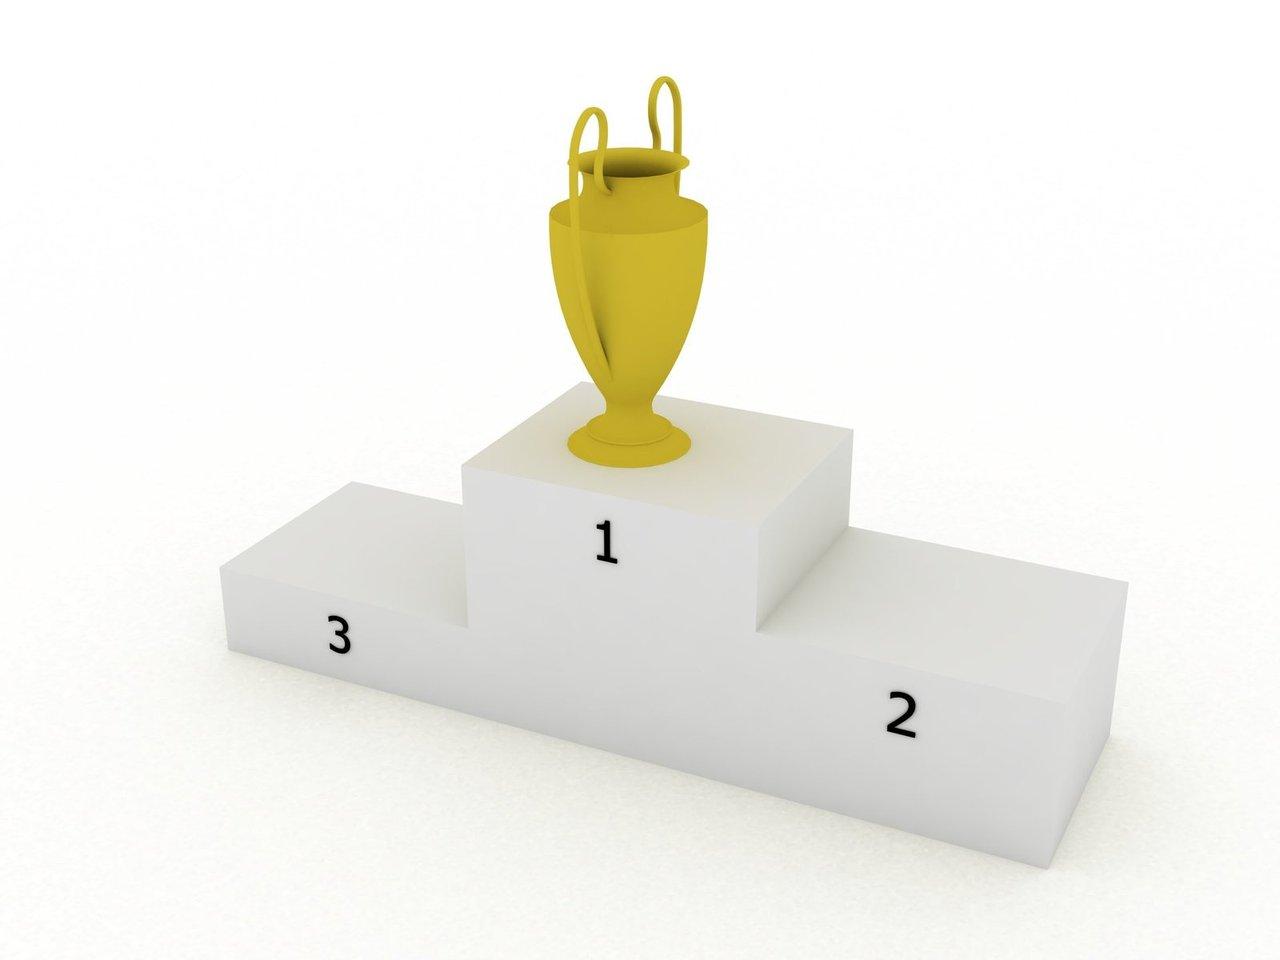 Trofea i nagrody są ważne